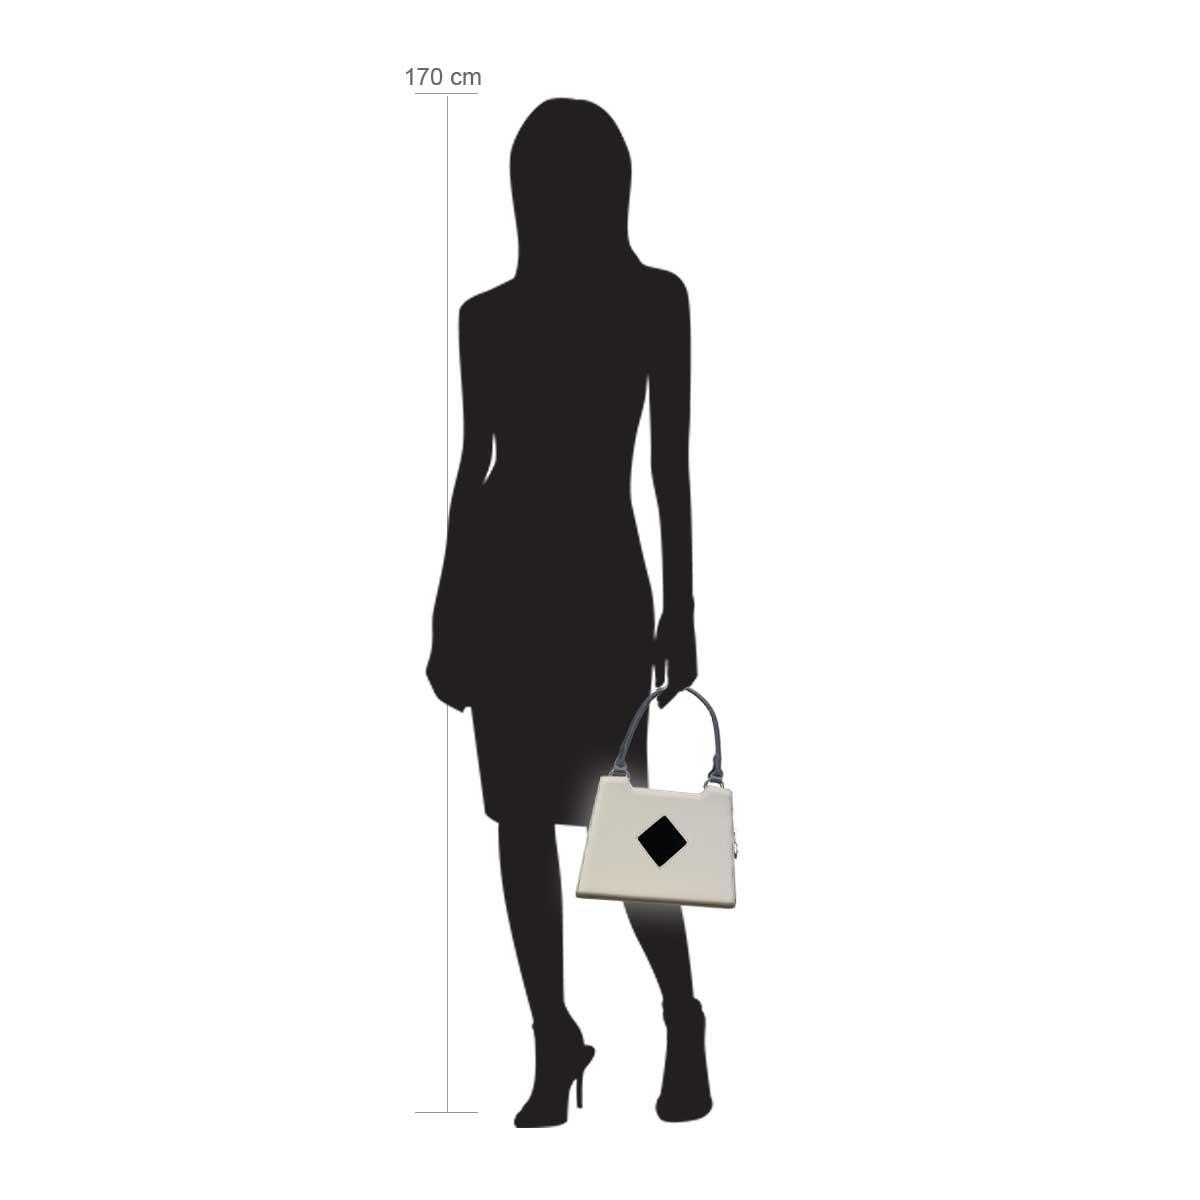 Modellpuppe 170 cm groß zeigt die Handtaschengröße an der Person Modell: Dublin Creme